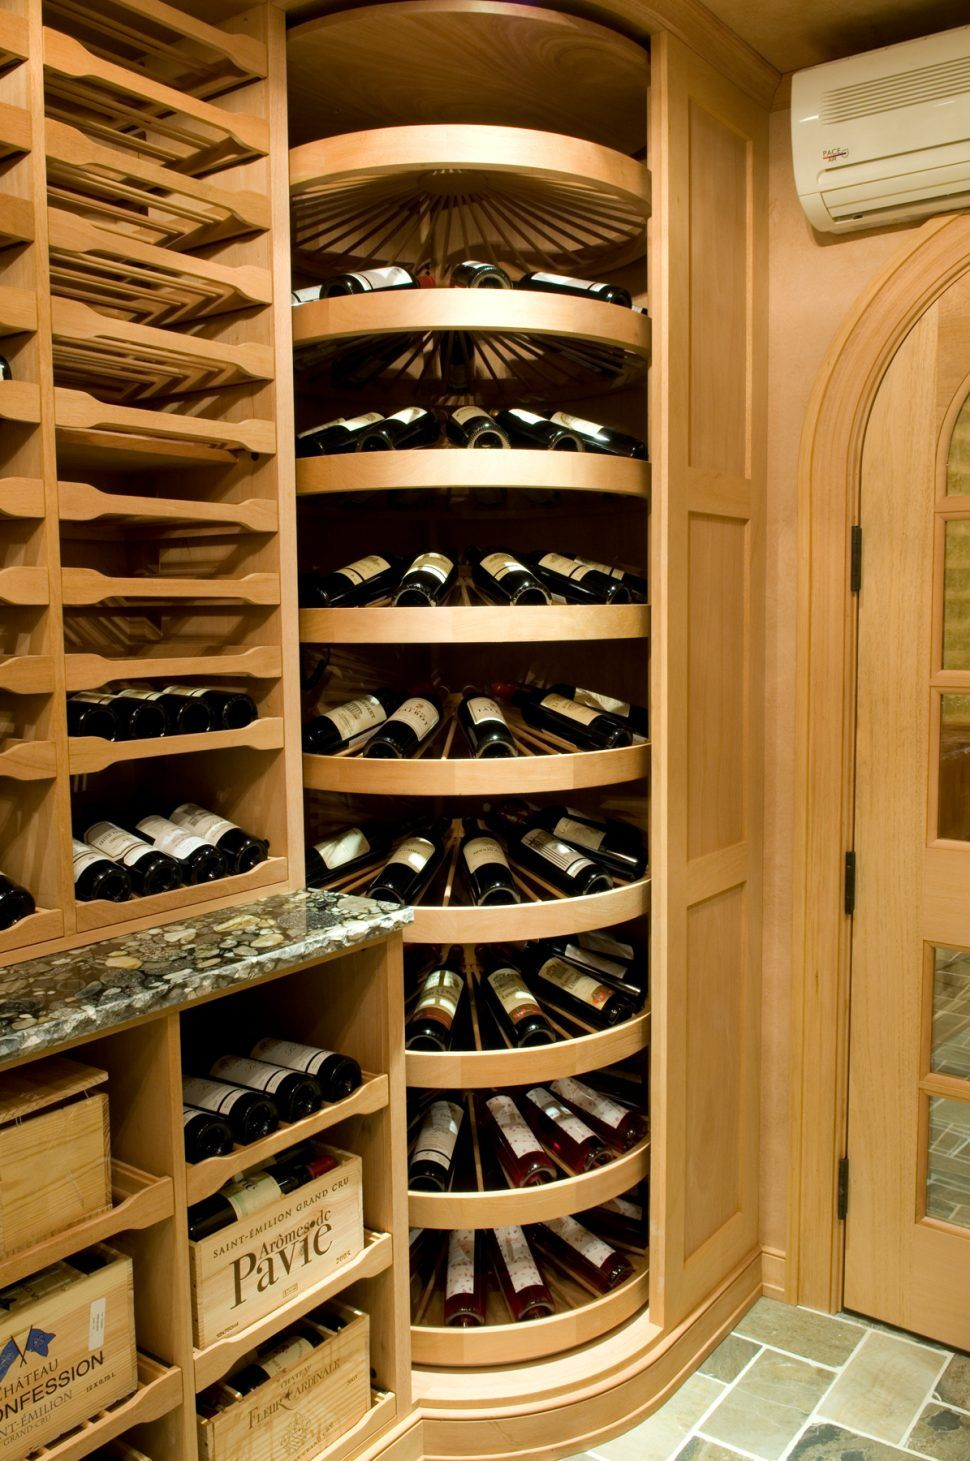 Fullsize Of Wine Racks America